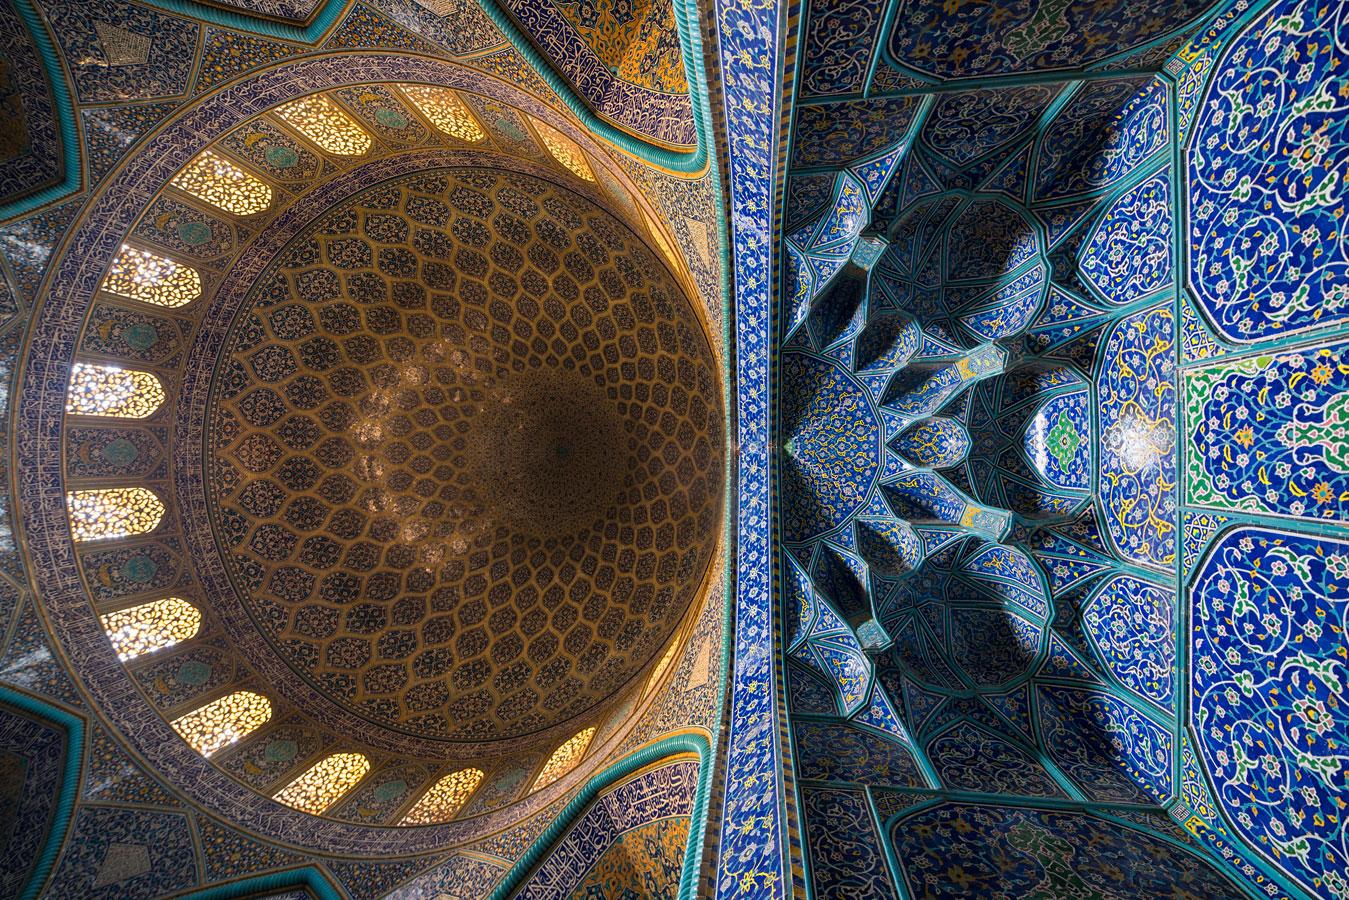 Мечеть шейха Лотфоллаха, Иран, © Алиреза Ахлаги, 1-е место, Фотоконкурс «Вики любит памятники» — Wiki Loves Monuments